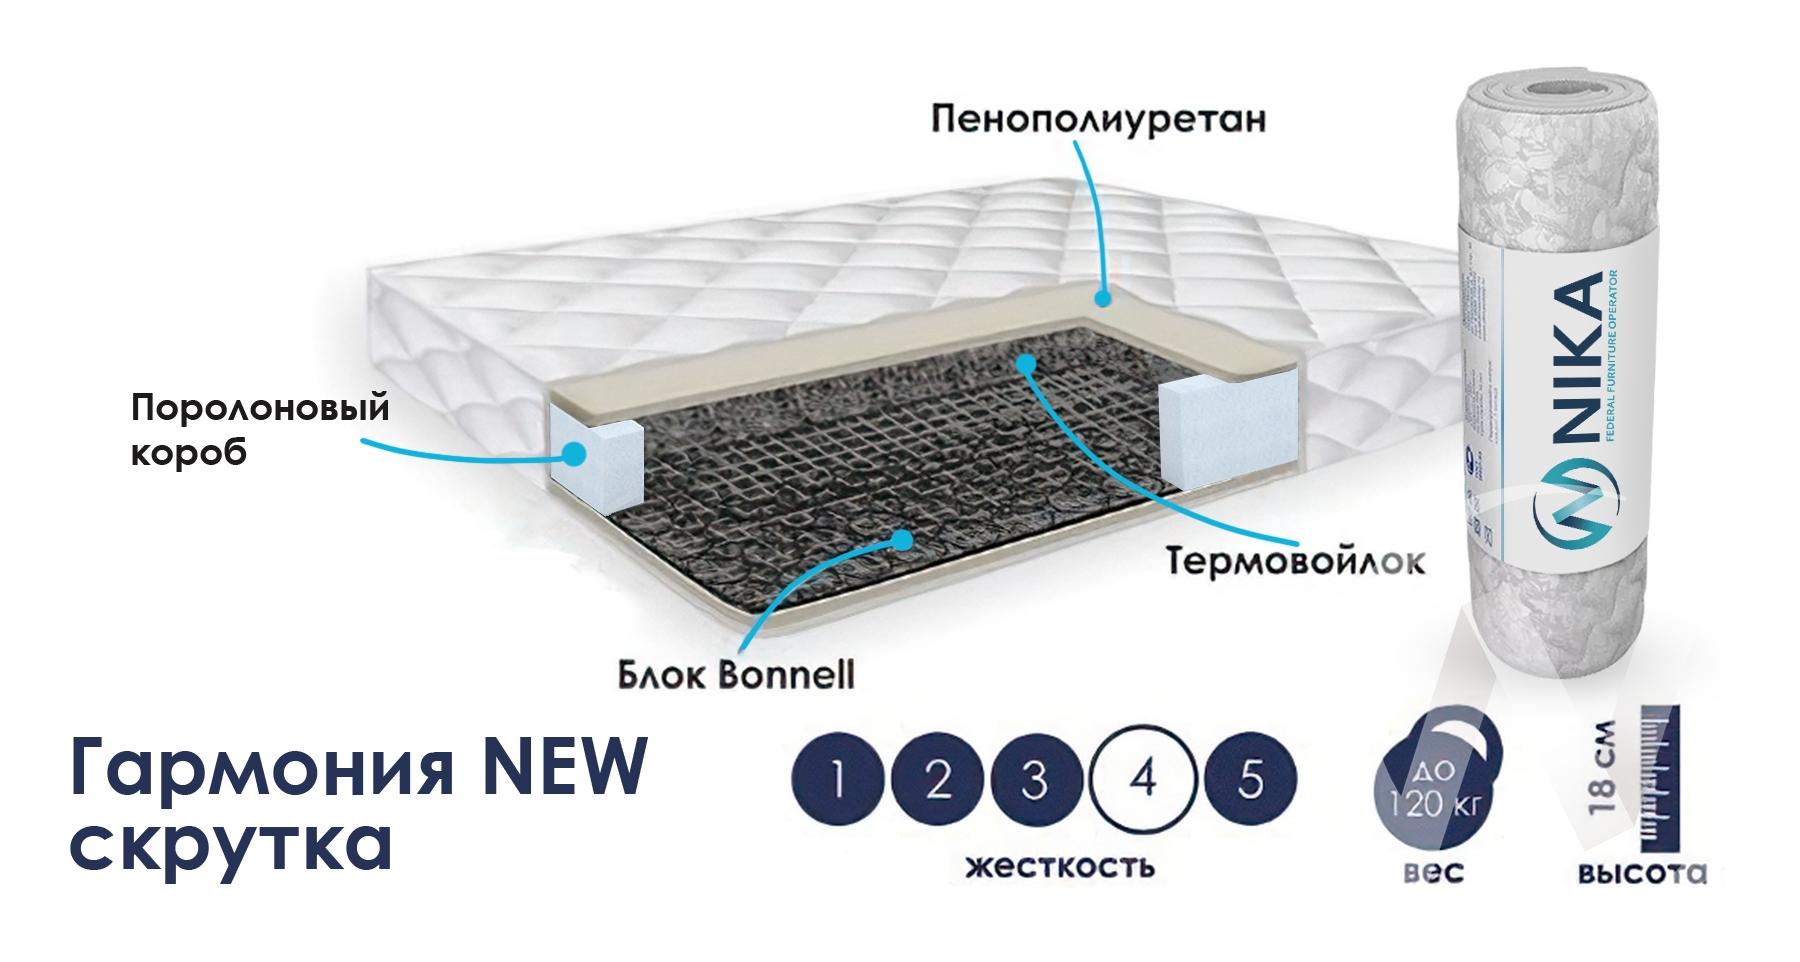 Матрас Гармония NEW (800х2000) скрутка  в Томске — интернет магазин МИРА-мебель